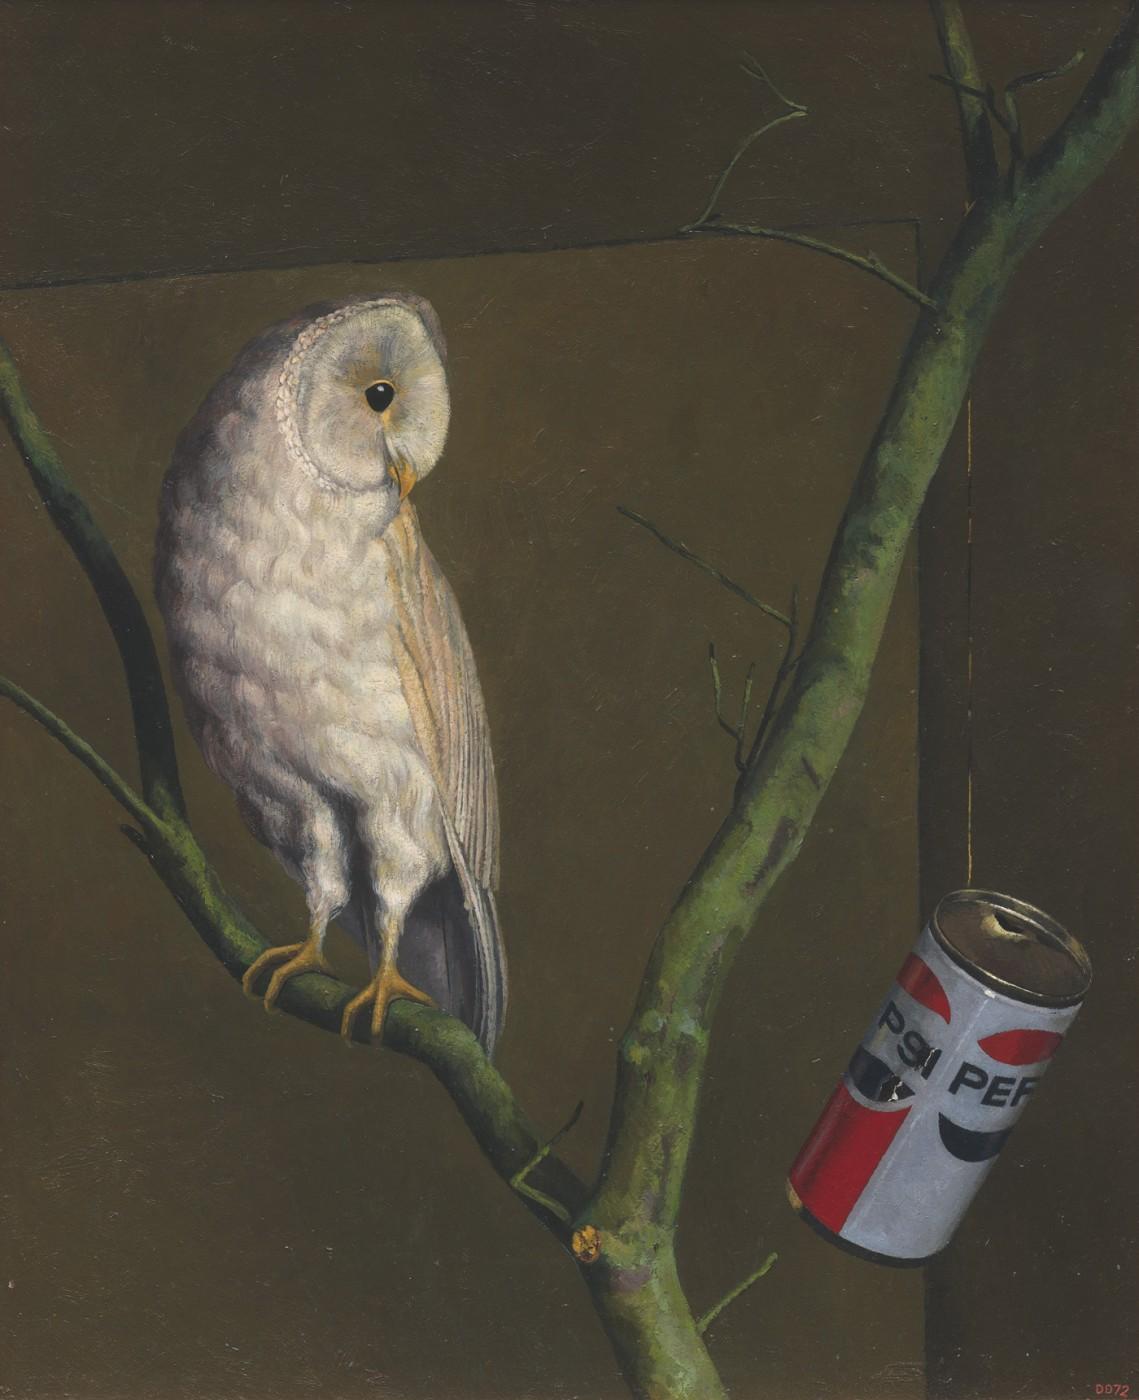 Owl and Pepsi